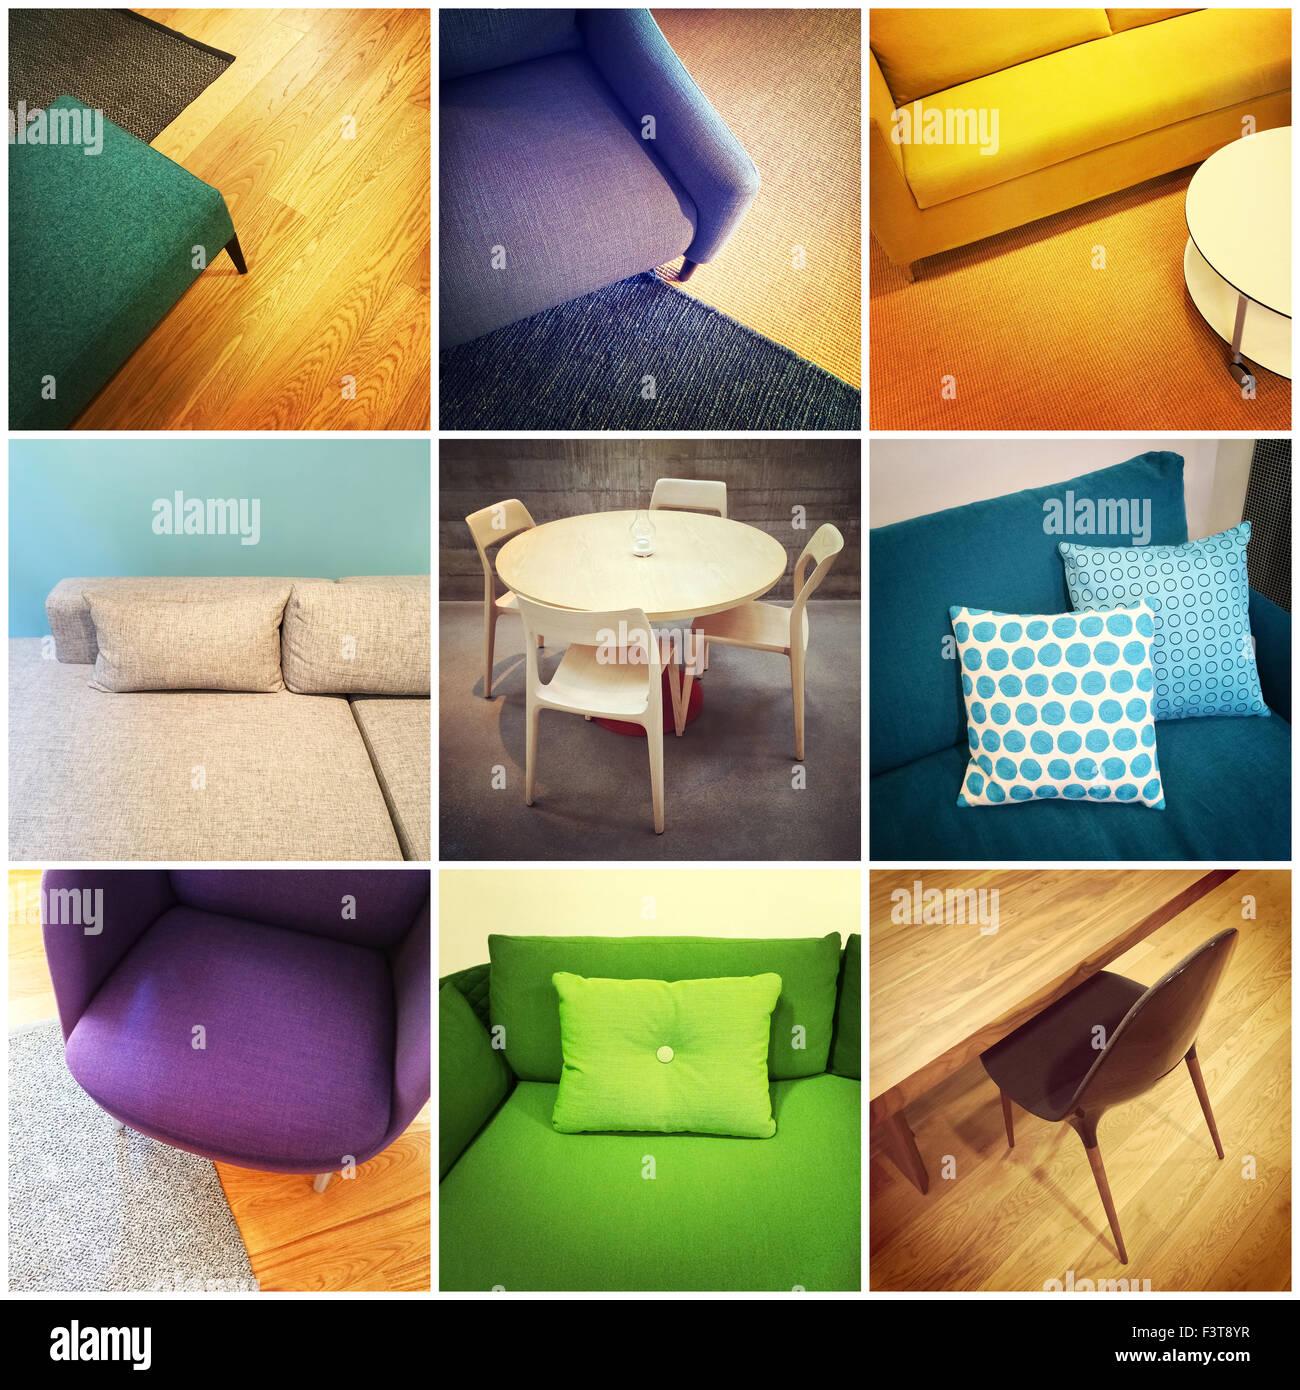 Arredamento Moderno Colorato.Colorato Arredamento Moderno Interior Design Collage Di